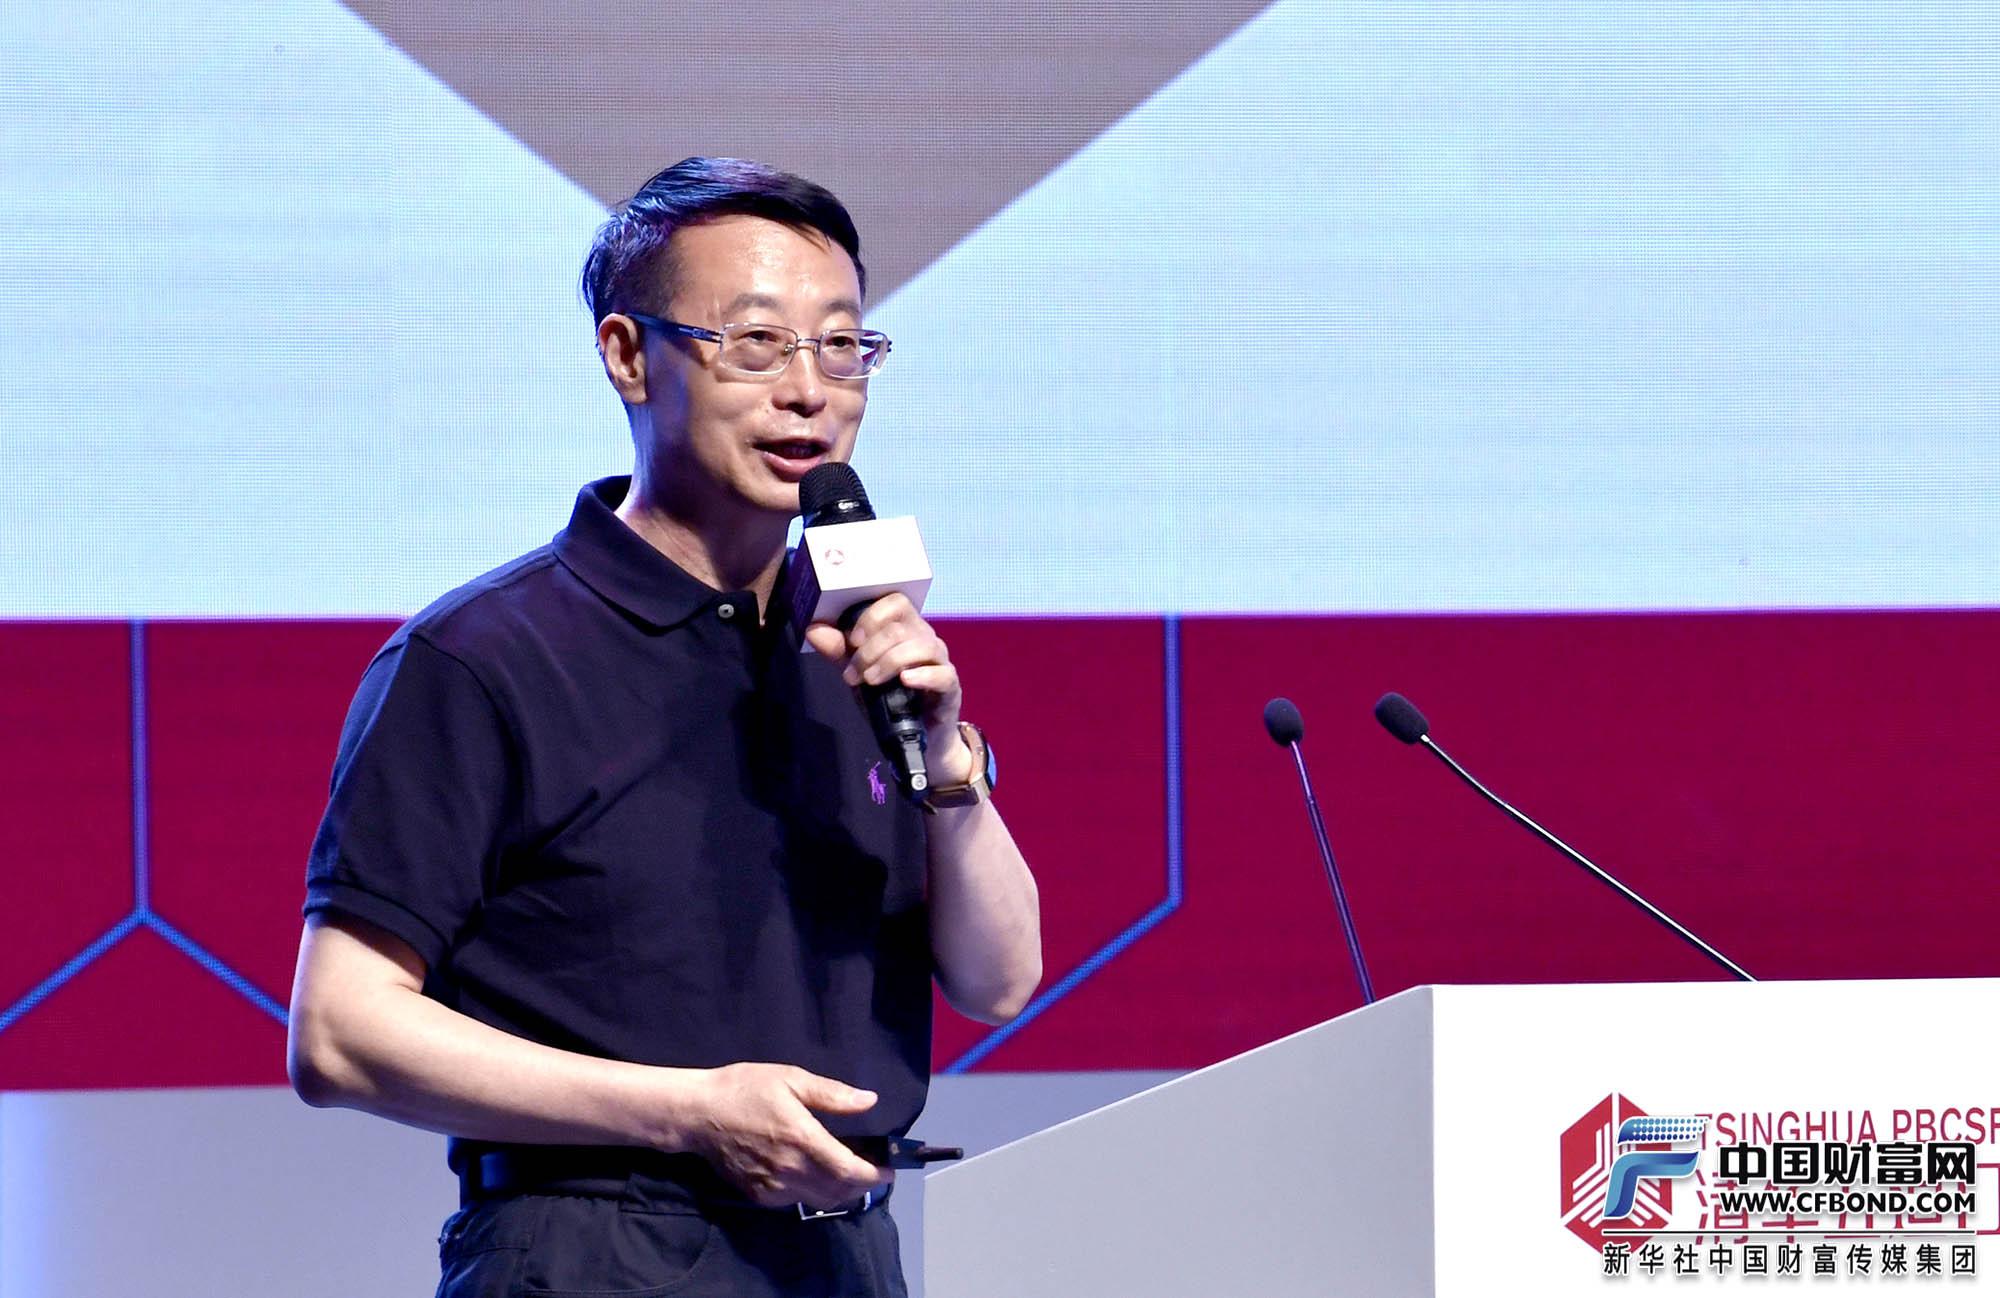 演讲嘉宾:国家体育总局体育经济司司长刘扶民